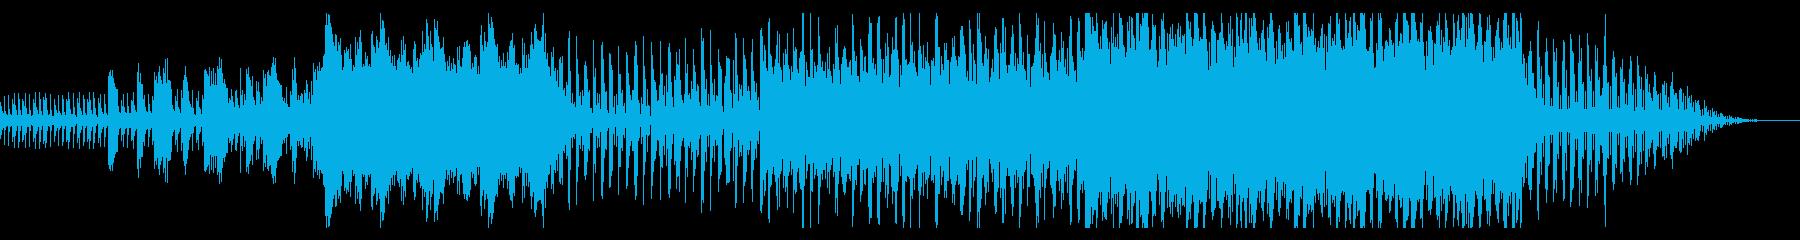 マリンバやピアノが絡み合う変拍子ミニマルの再生済みの波形